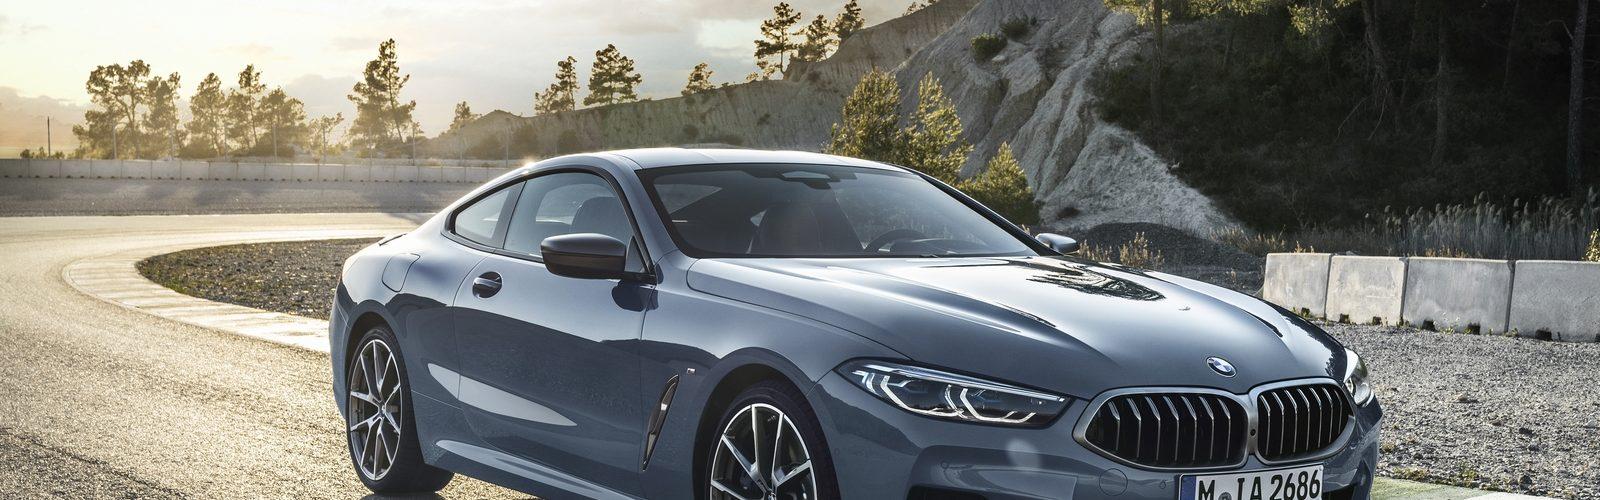 BMW Serie 8 Coupe 2018 Le Nouvel Automobiliste 35